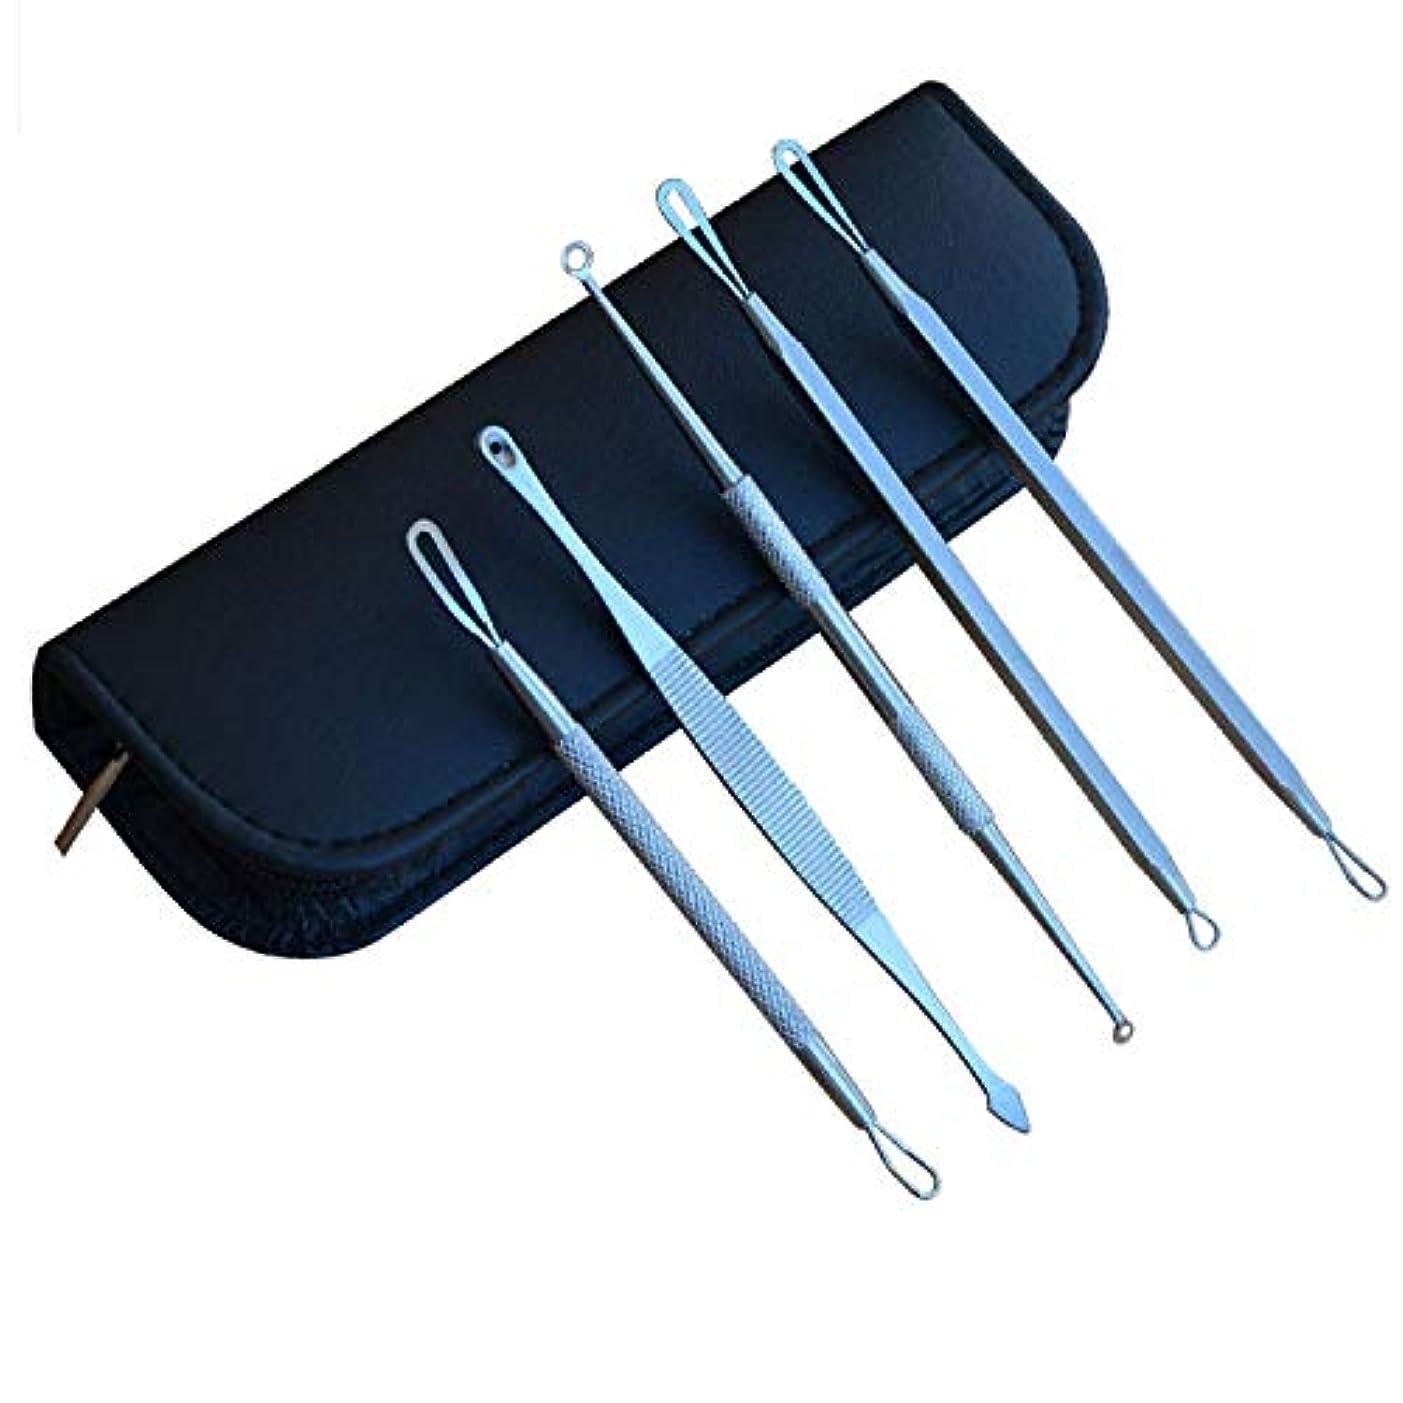 KingsleyW 4-PCS PimpleExtractor、リスクフリーノーズフェースのための黒毛のケアのにきびツット除去ツール - ローズゴールドピンセットキット (色 : 黒)